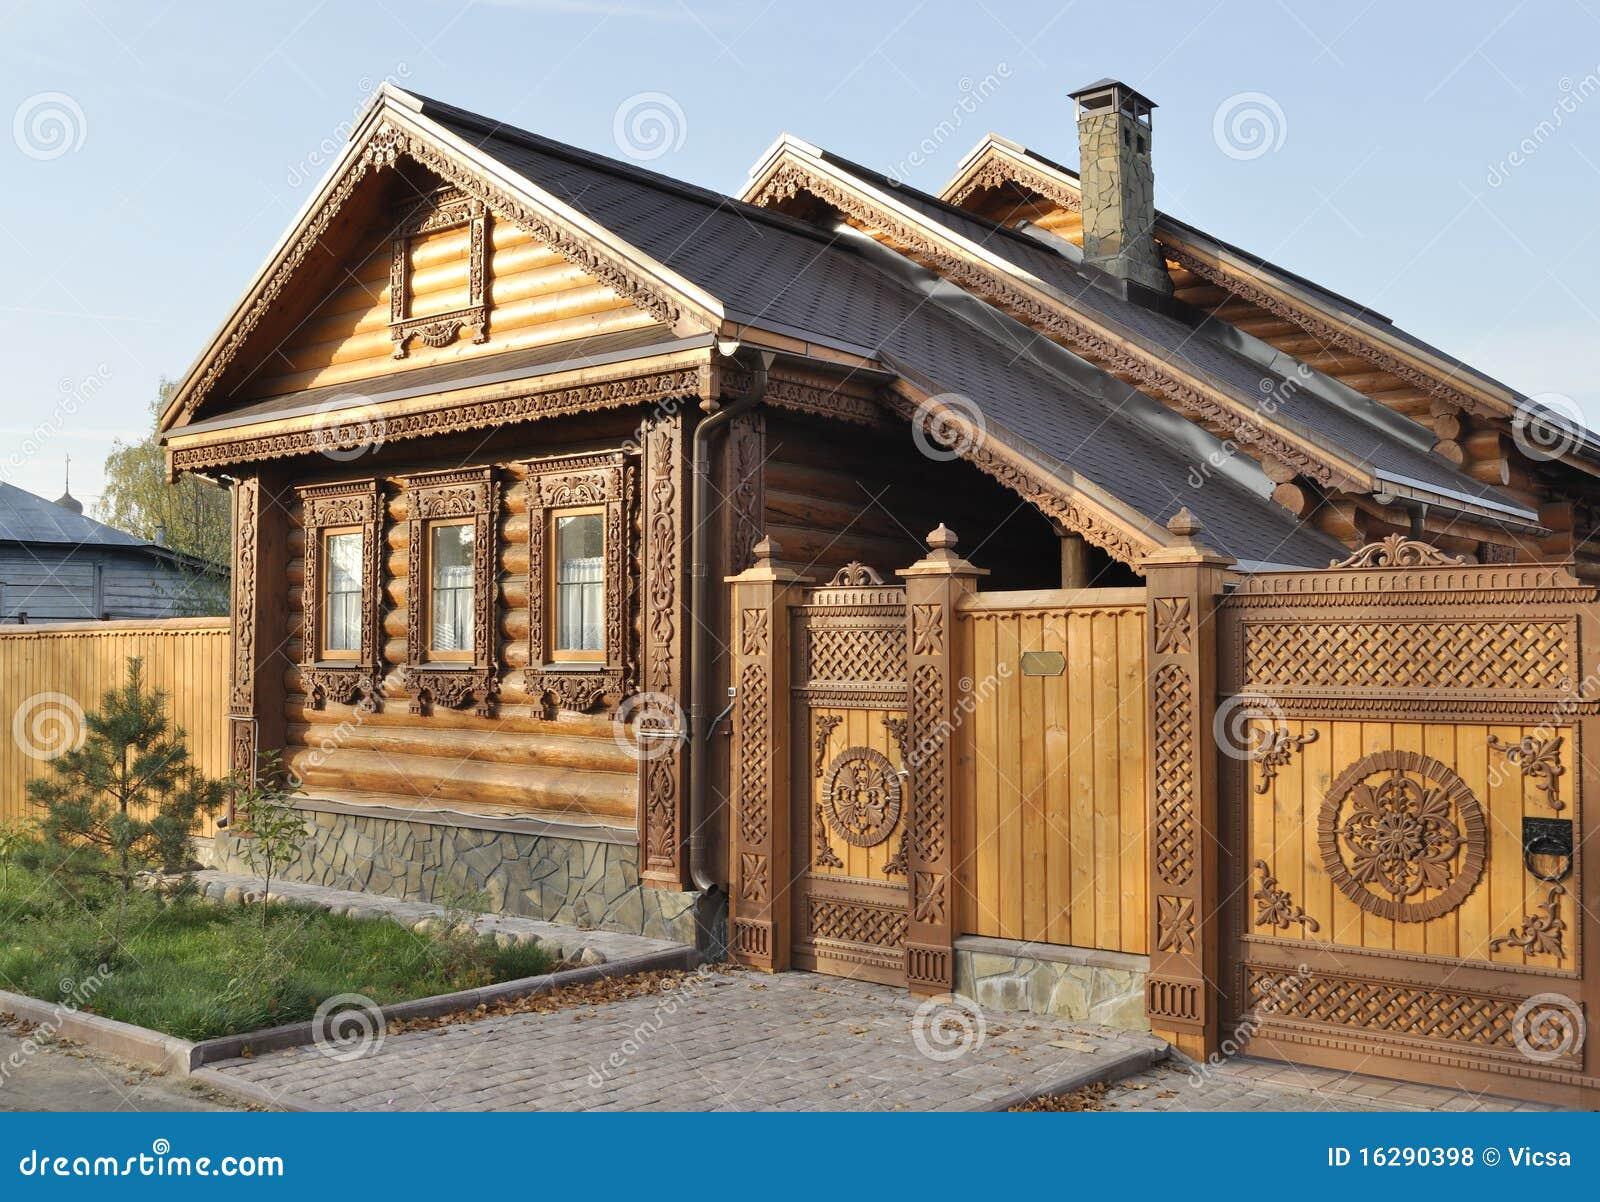 Картинка для детей дом деревянный